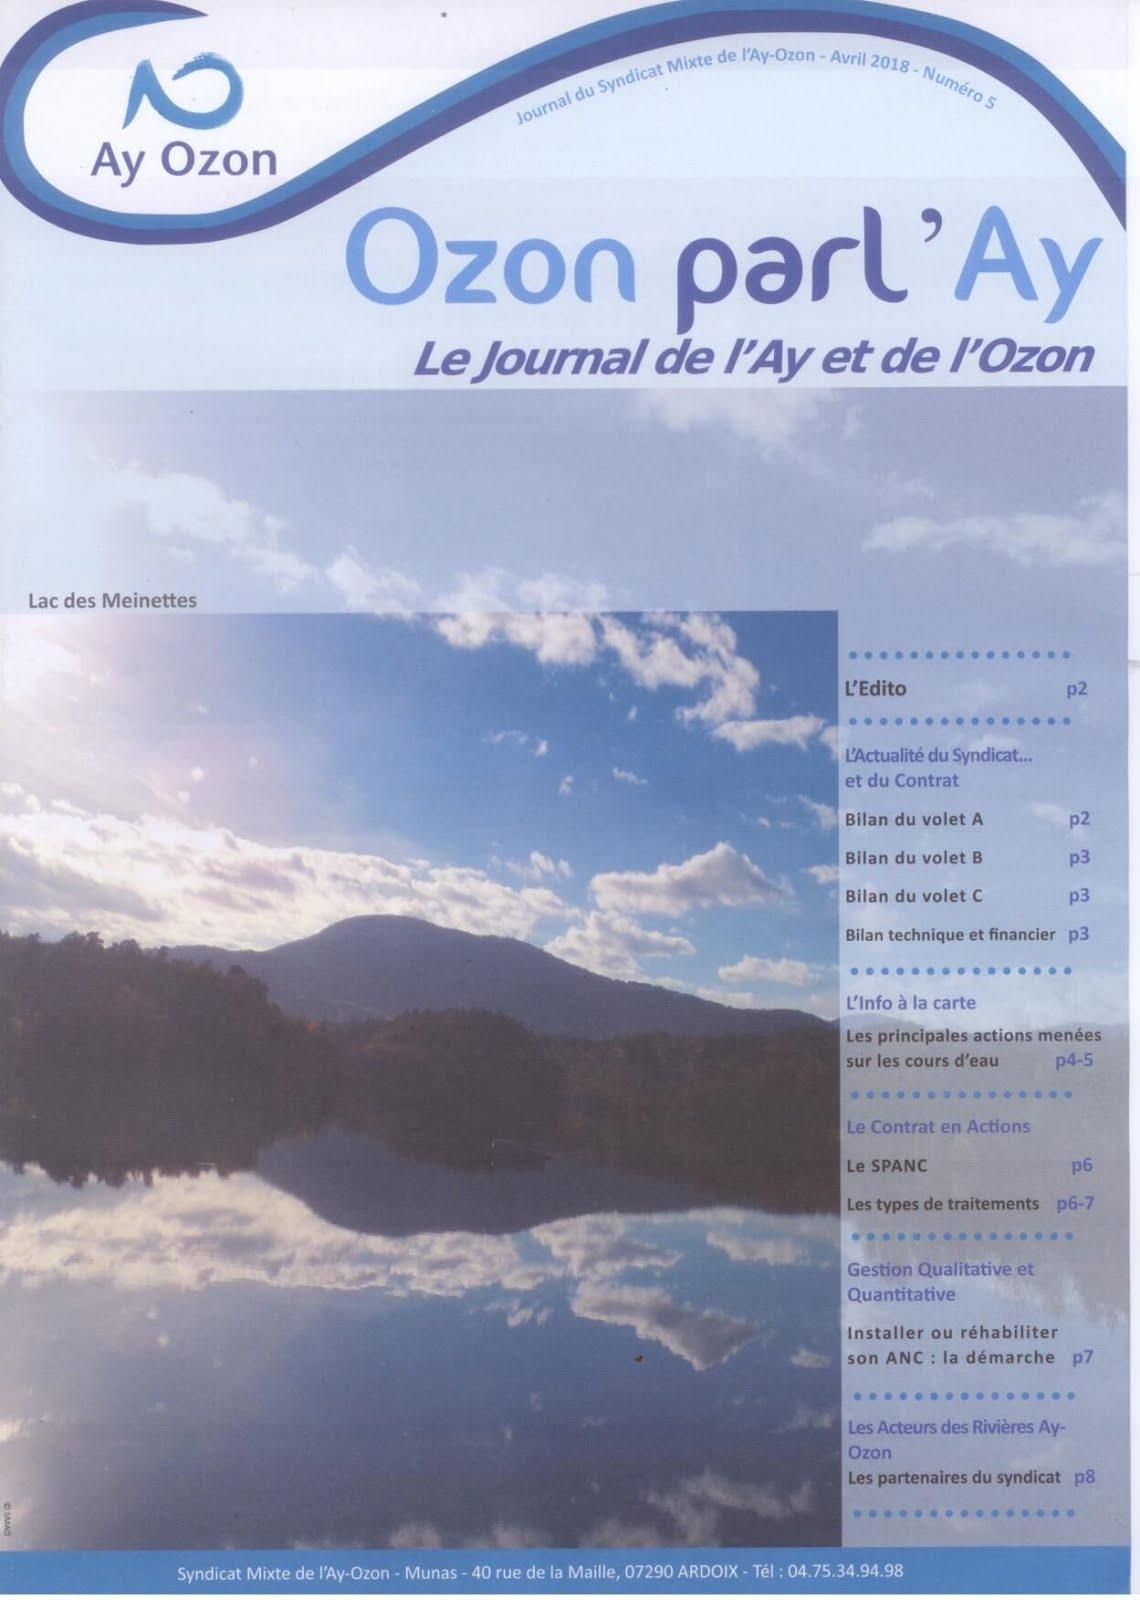 Gestion de l'Ay et de l'Ozon.